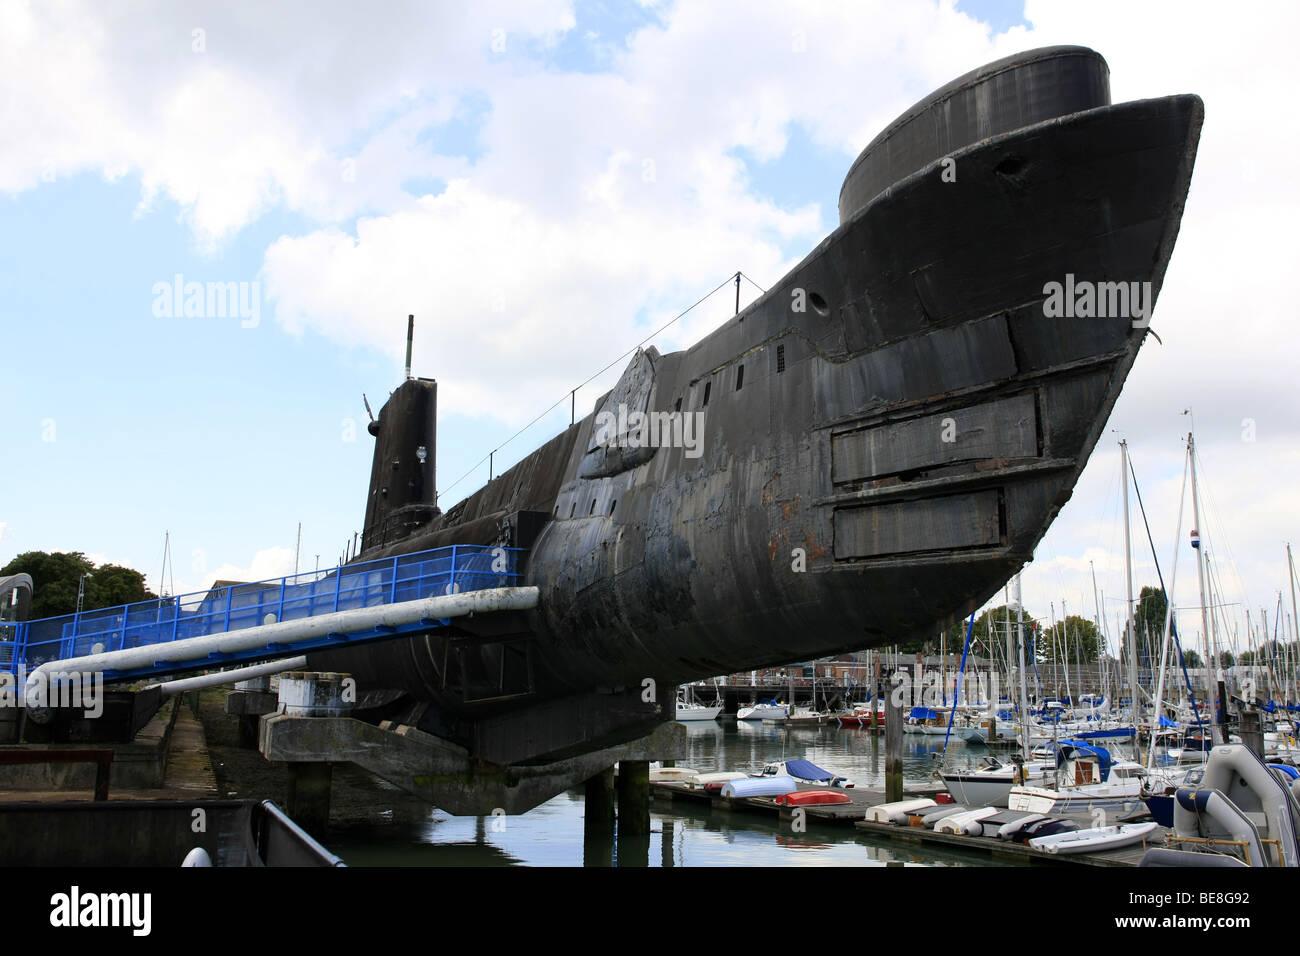 HMS Alianza en la Royal Navy museo submarino Gosport Imagen De Stock